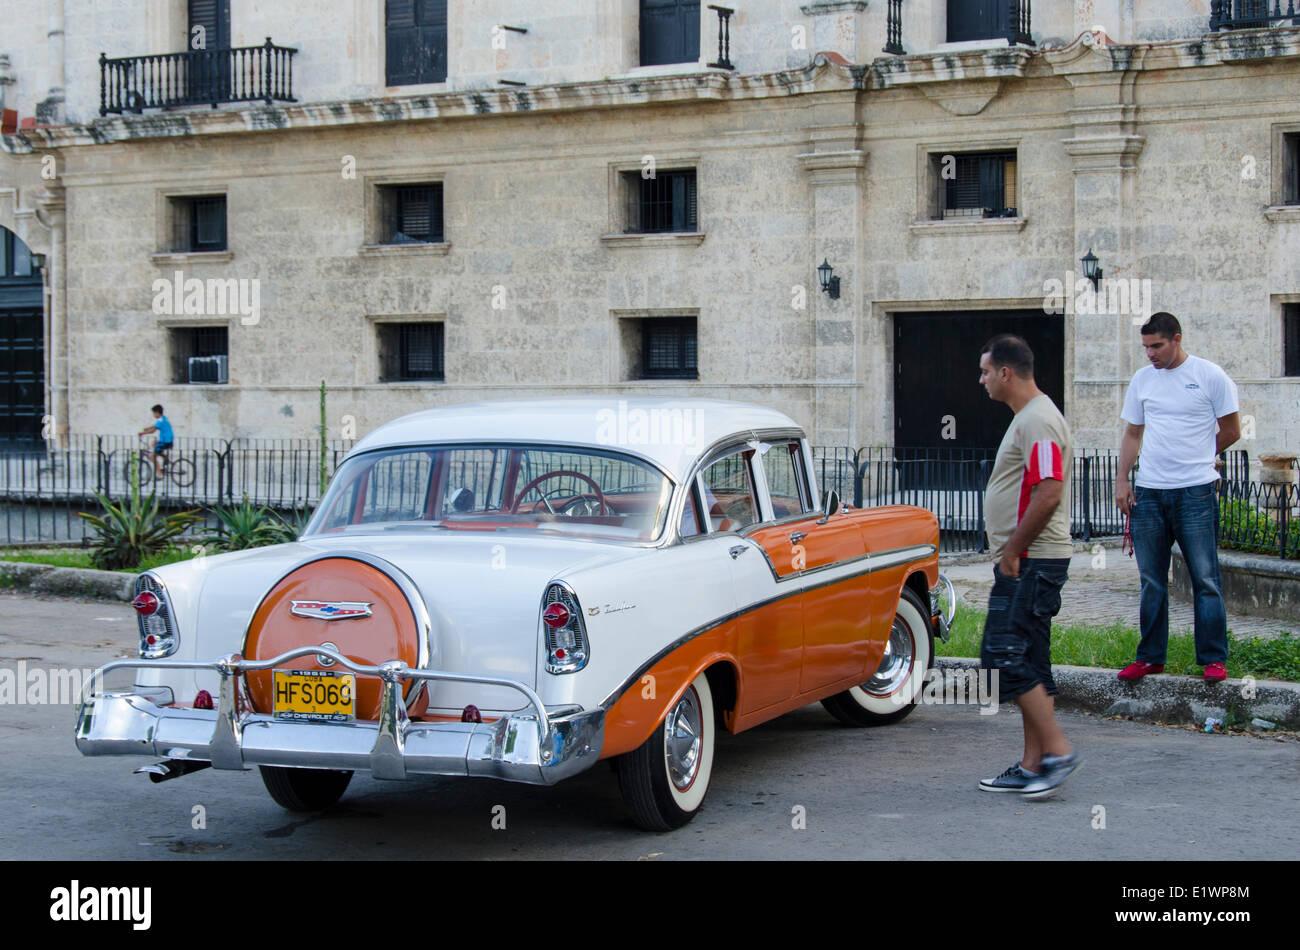 Classsic american cars, La Habana, Cuba Imagen De Stock